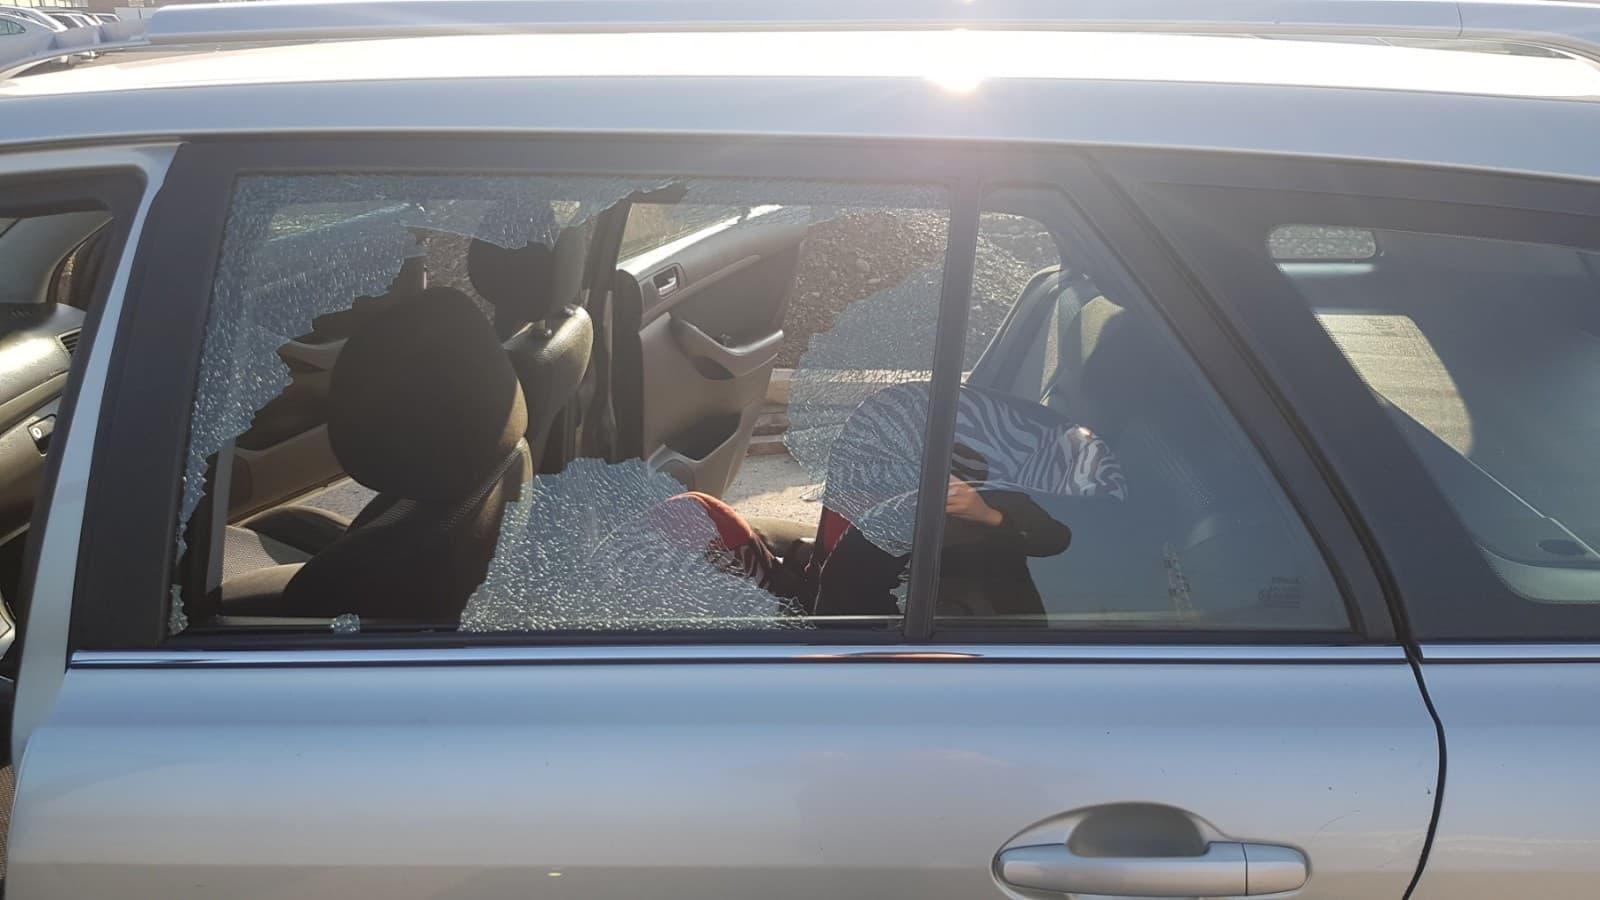 Zalutali metak pogodio automobil u vožnji, troje djece za dlaku izbjeglo nesreću (FOTO/VIDEO)